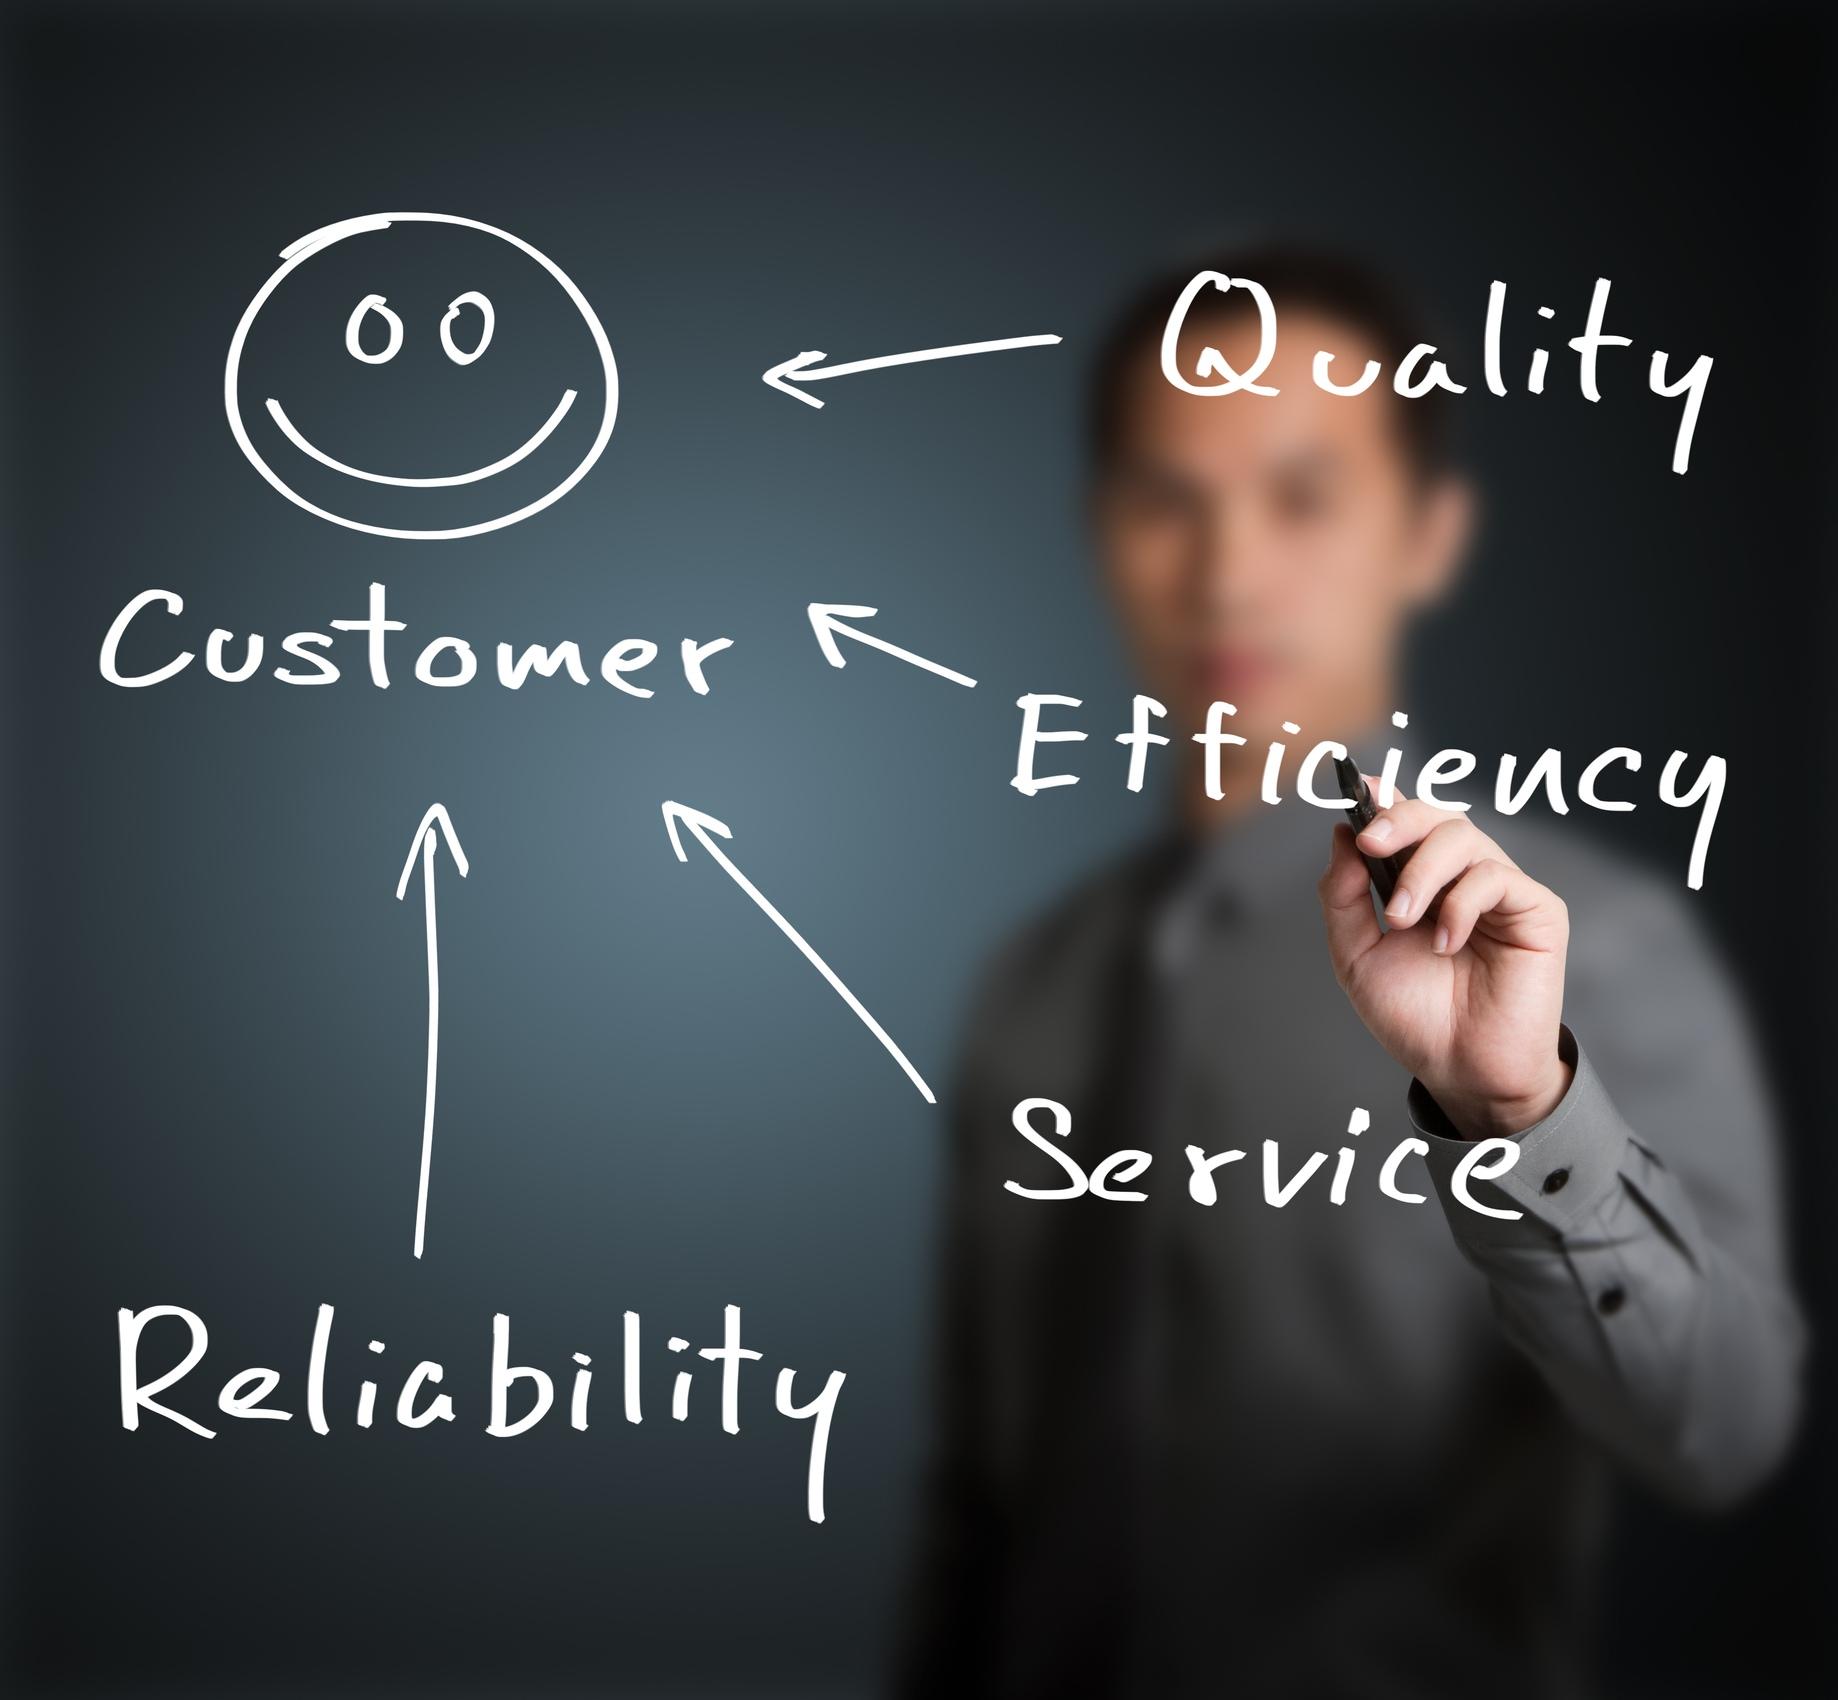 הכיצד מודדים איכות שירות וחוויות לקוח בשירות לקוחות?